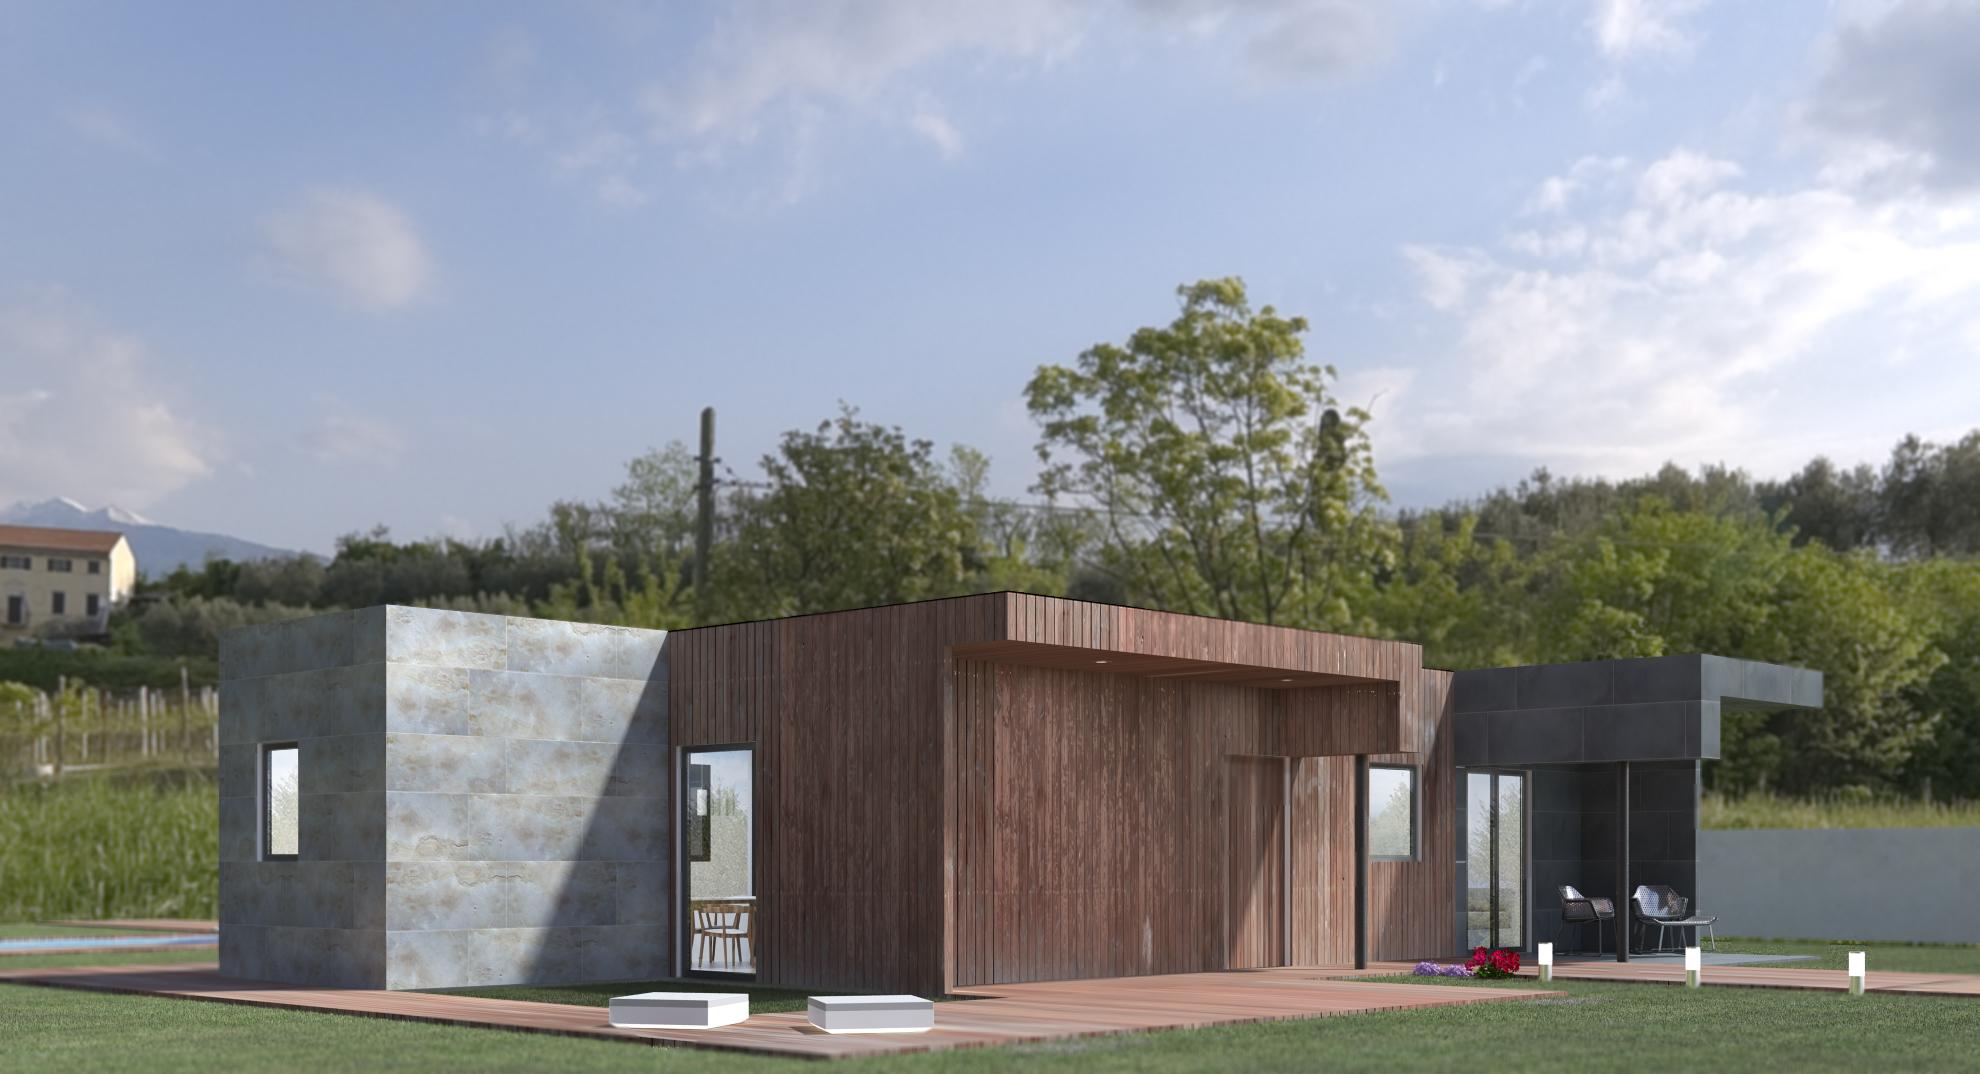 Casas Modulares en Espaa Modelo 3b Miguel Martinez Archinect